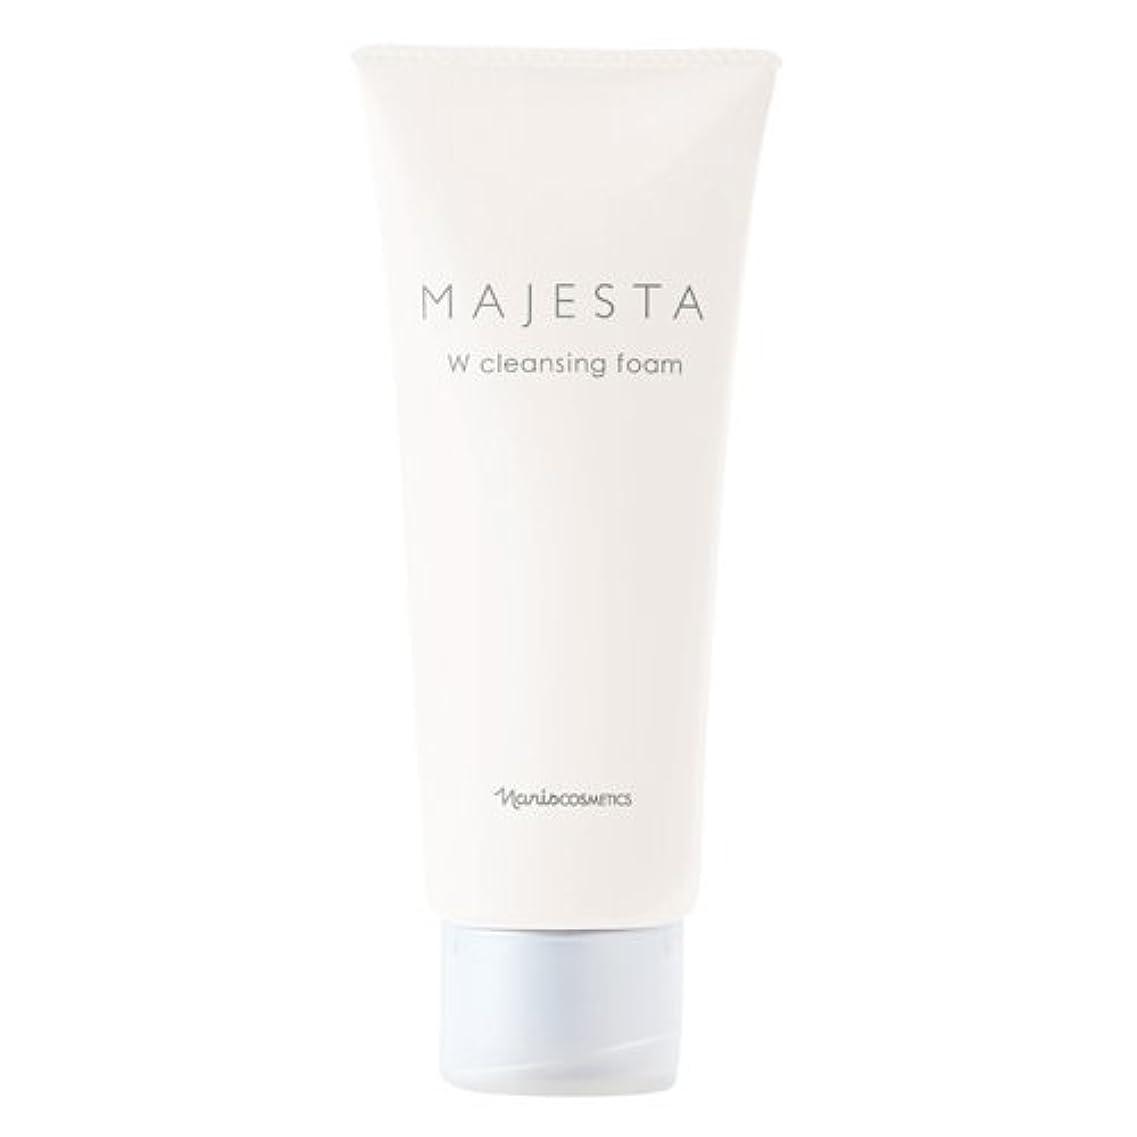 罹患率フットボールライターナリス化粧品 マジェスタ Wクレンジング フォーム(クレンジング?洗顔料) 100g